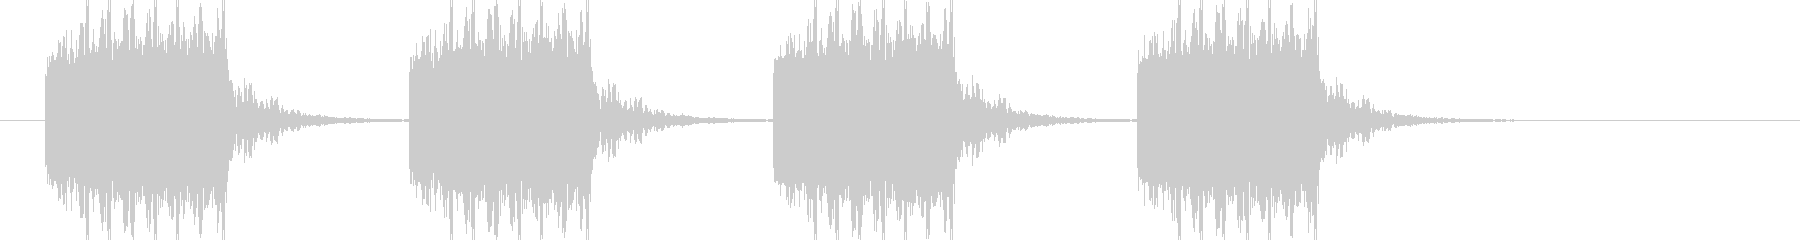 ブザー音ショート_リバーブ付きの未再生の波形